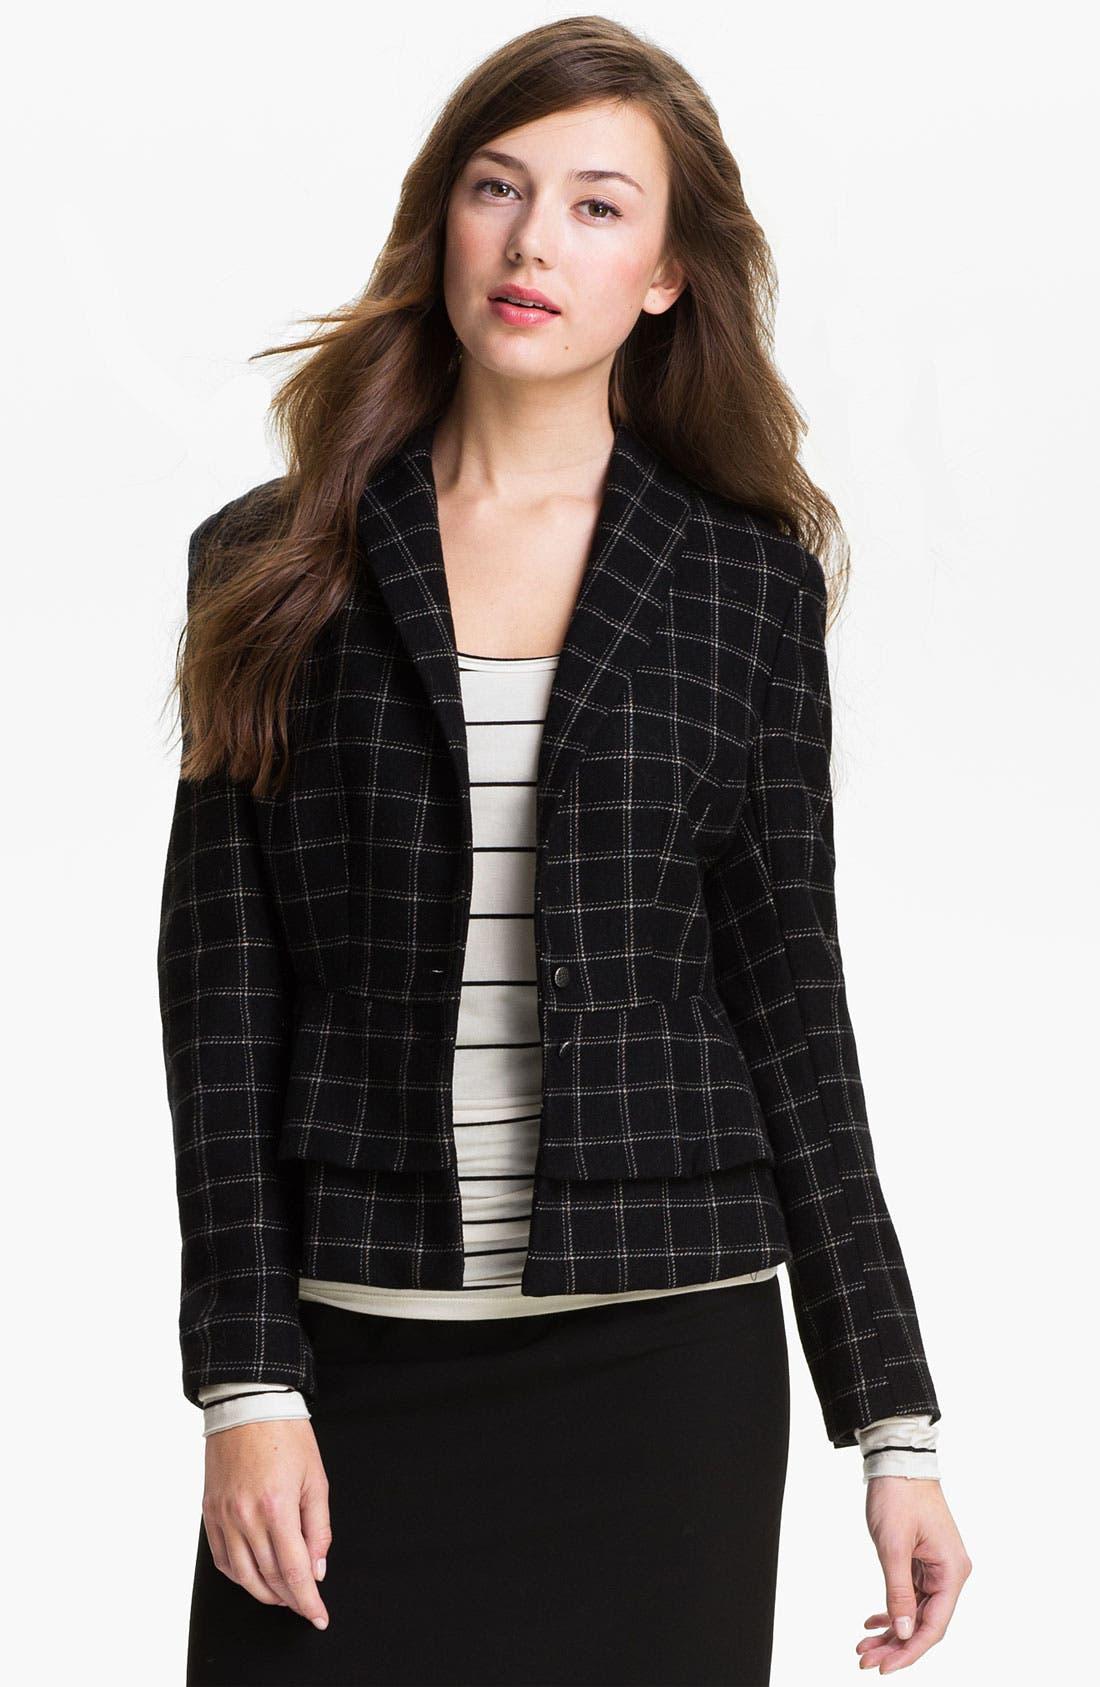 Alternate Image 1 Selected - Max & Mia Plaid Peplum Jacket